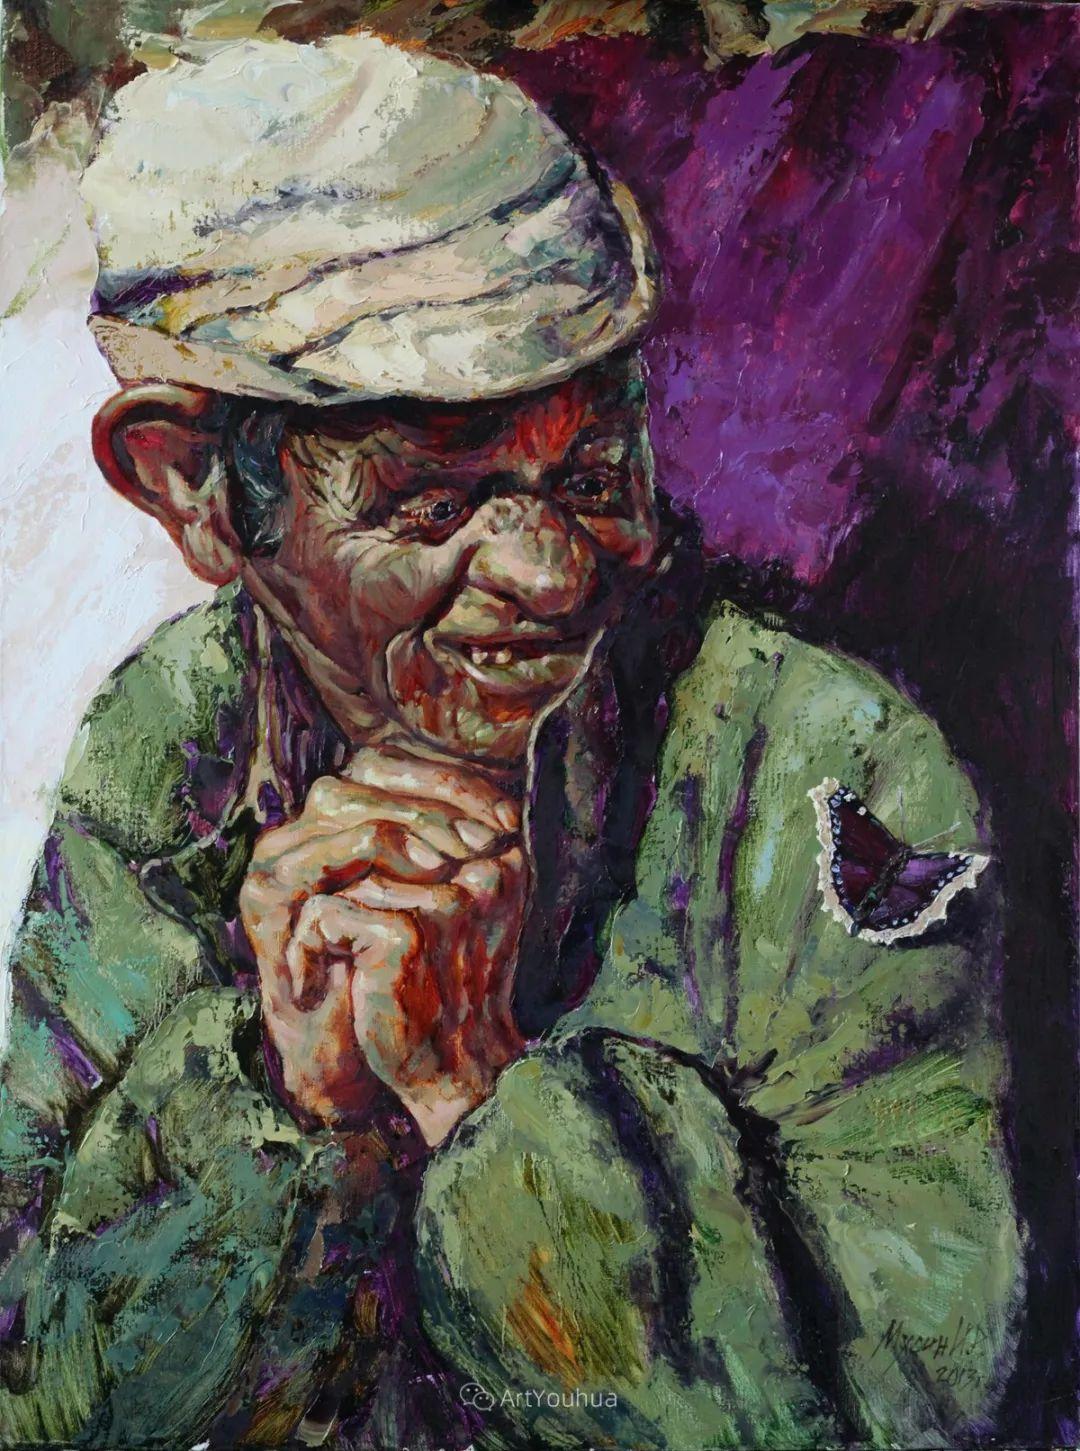 人物篇——哈萨克斯坦画家Musin Irik Rashidovich插图4